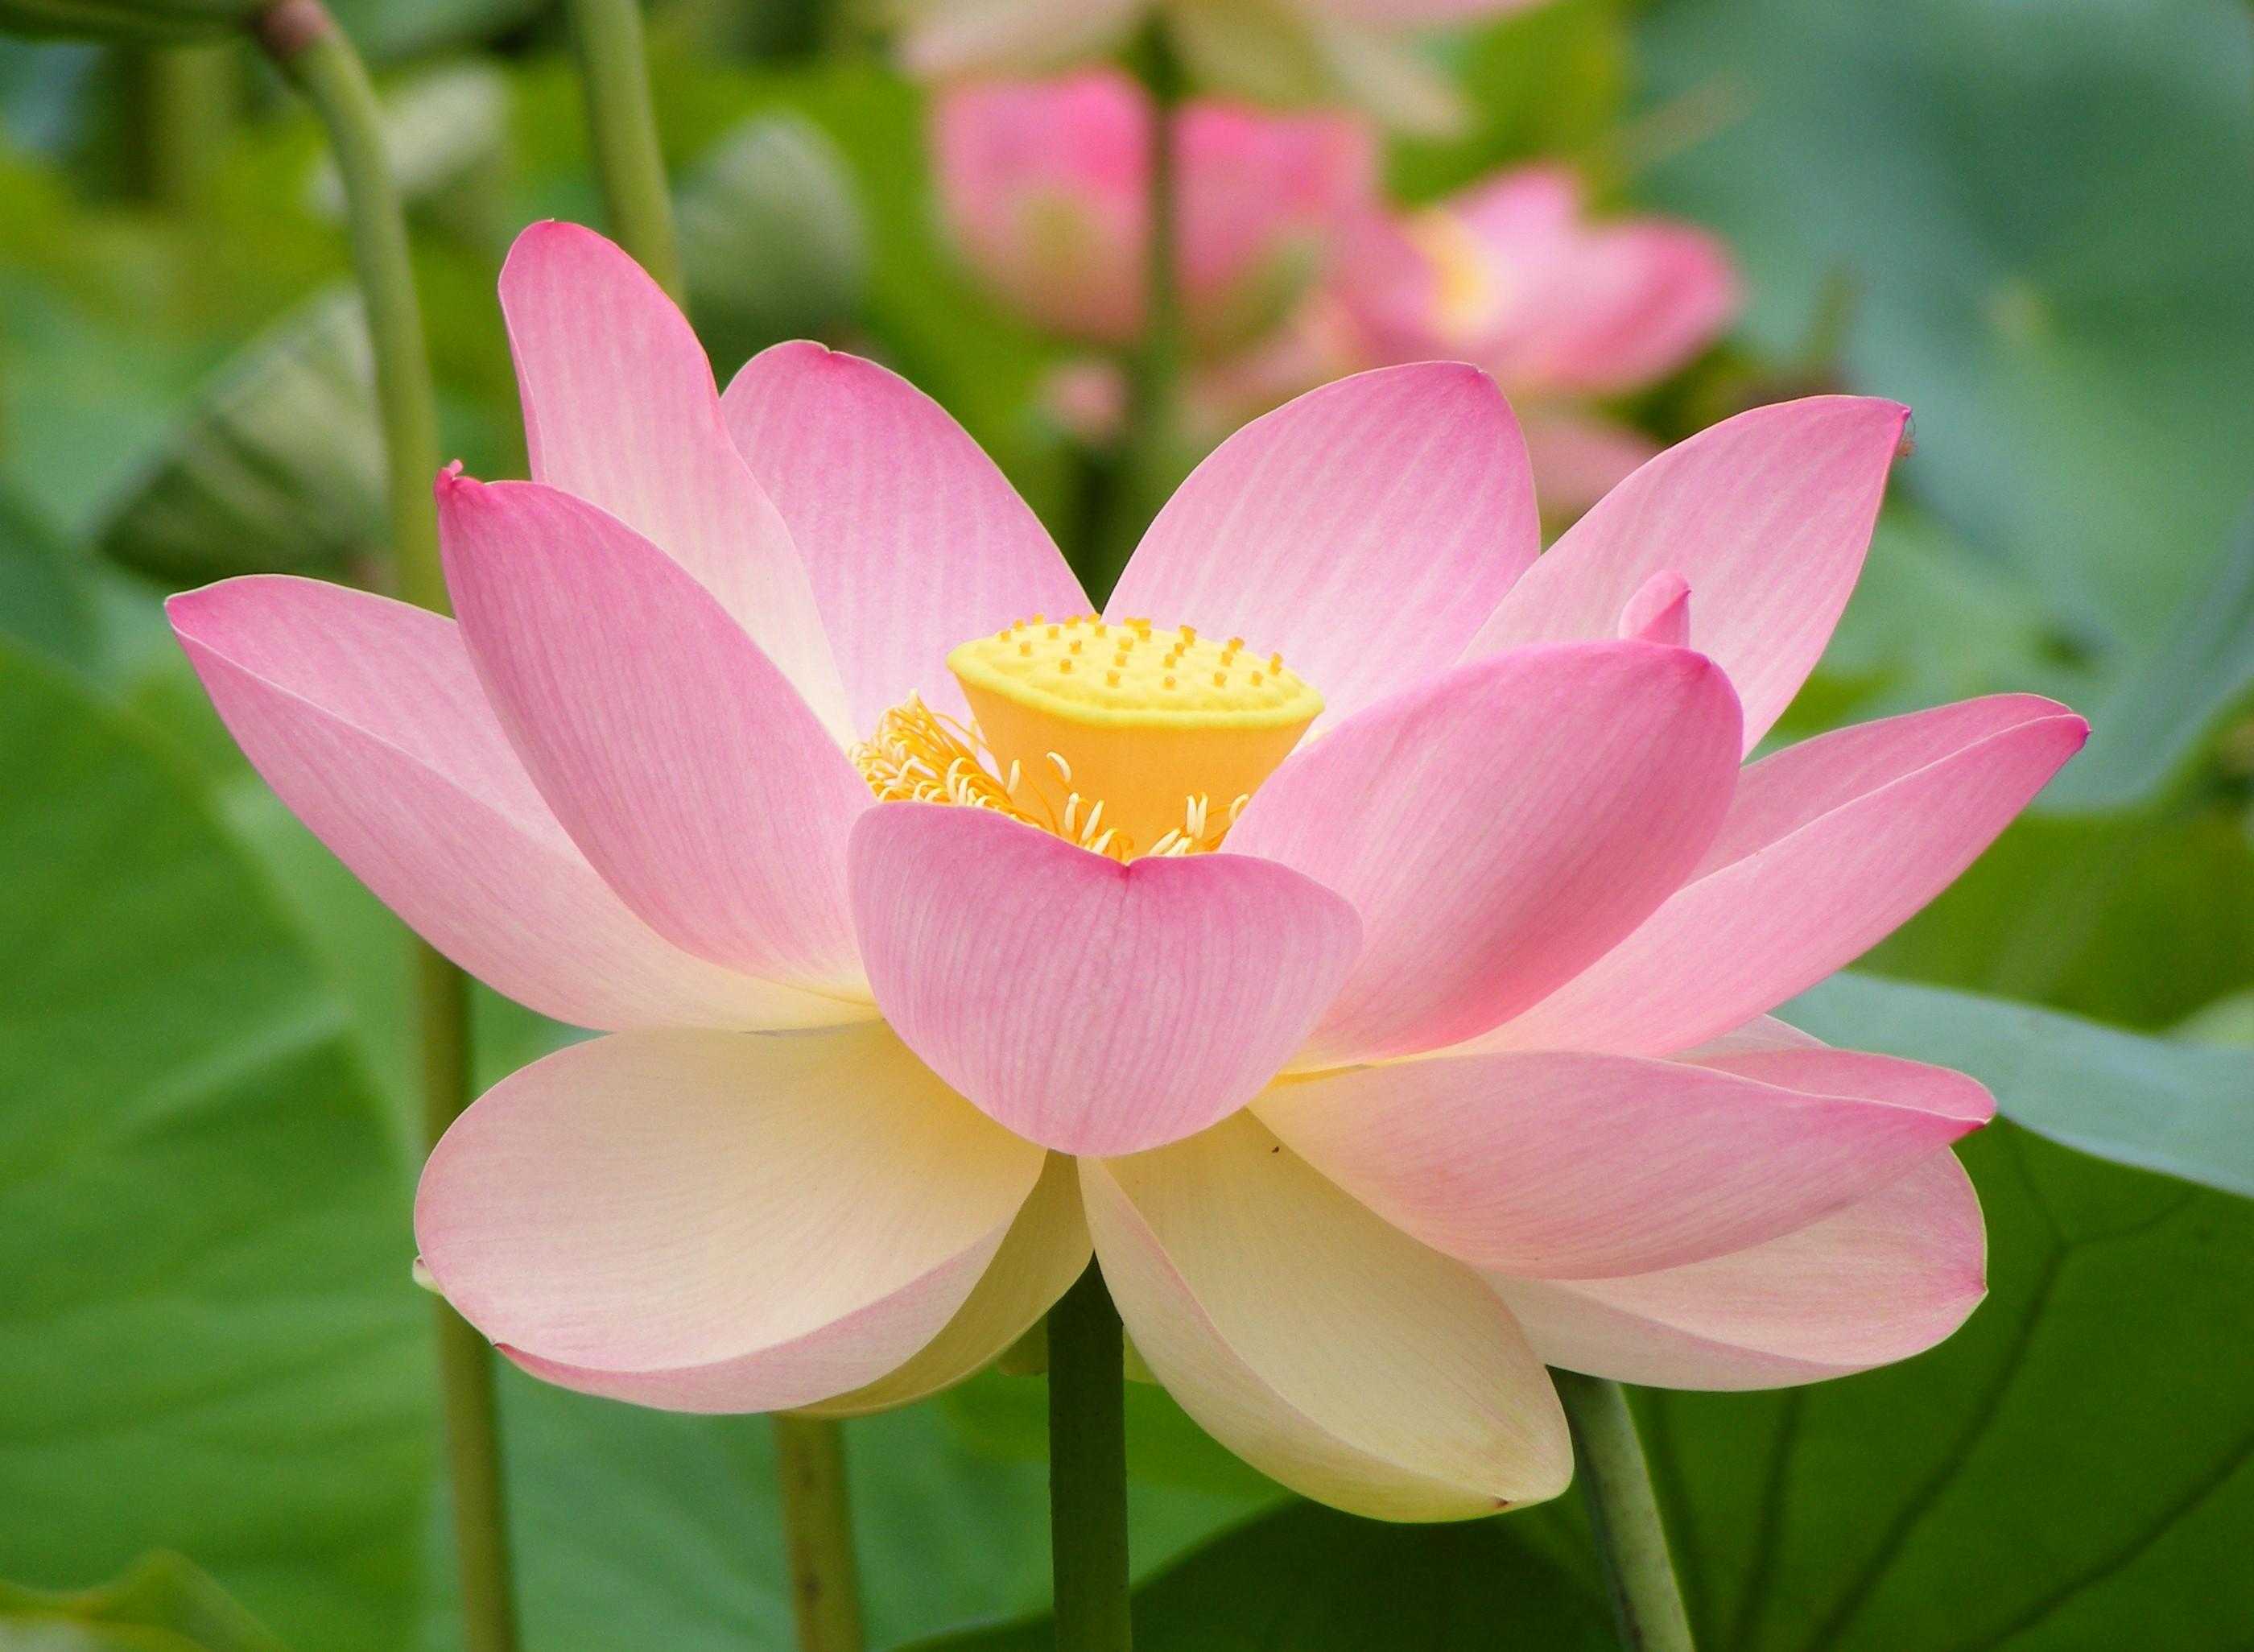 любом фото самого красивого цветка в мире символы того, что